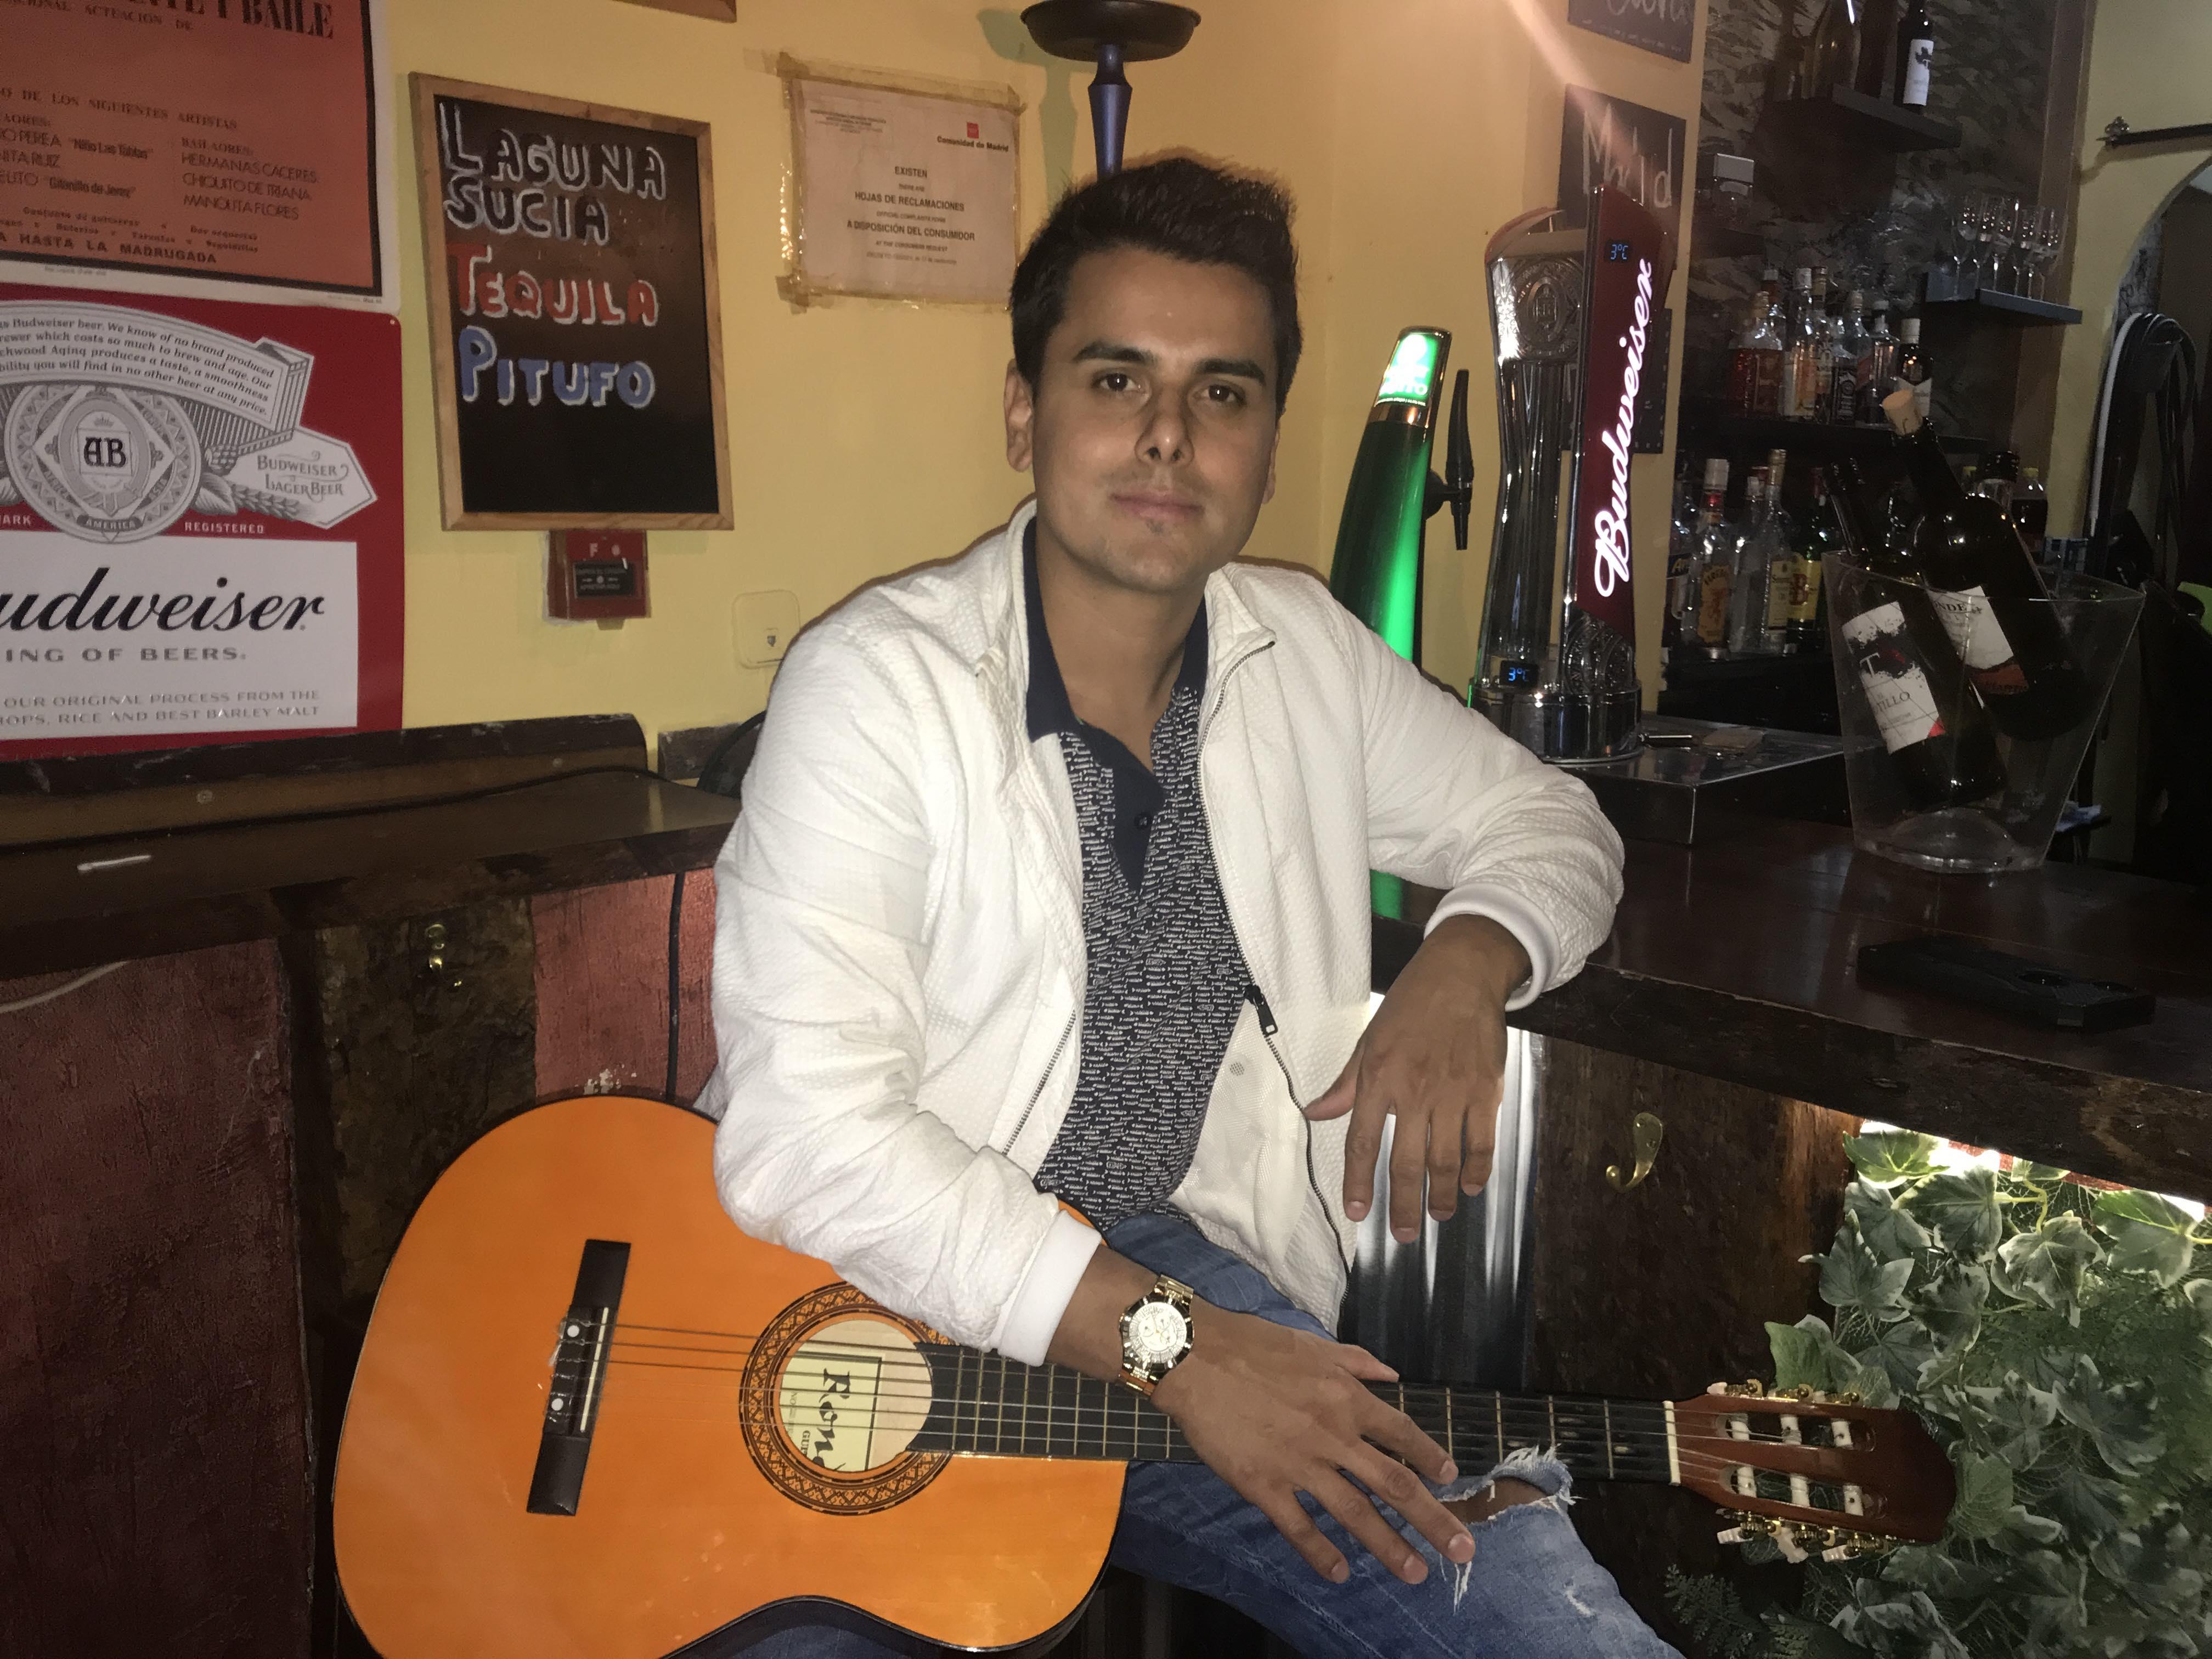 """El ex cantante de Salserín Alex Quendo, regenta el popular bar """"La Cueva"""" de Madrid. / Foto: David Placer"""